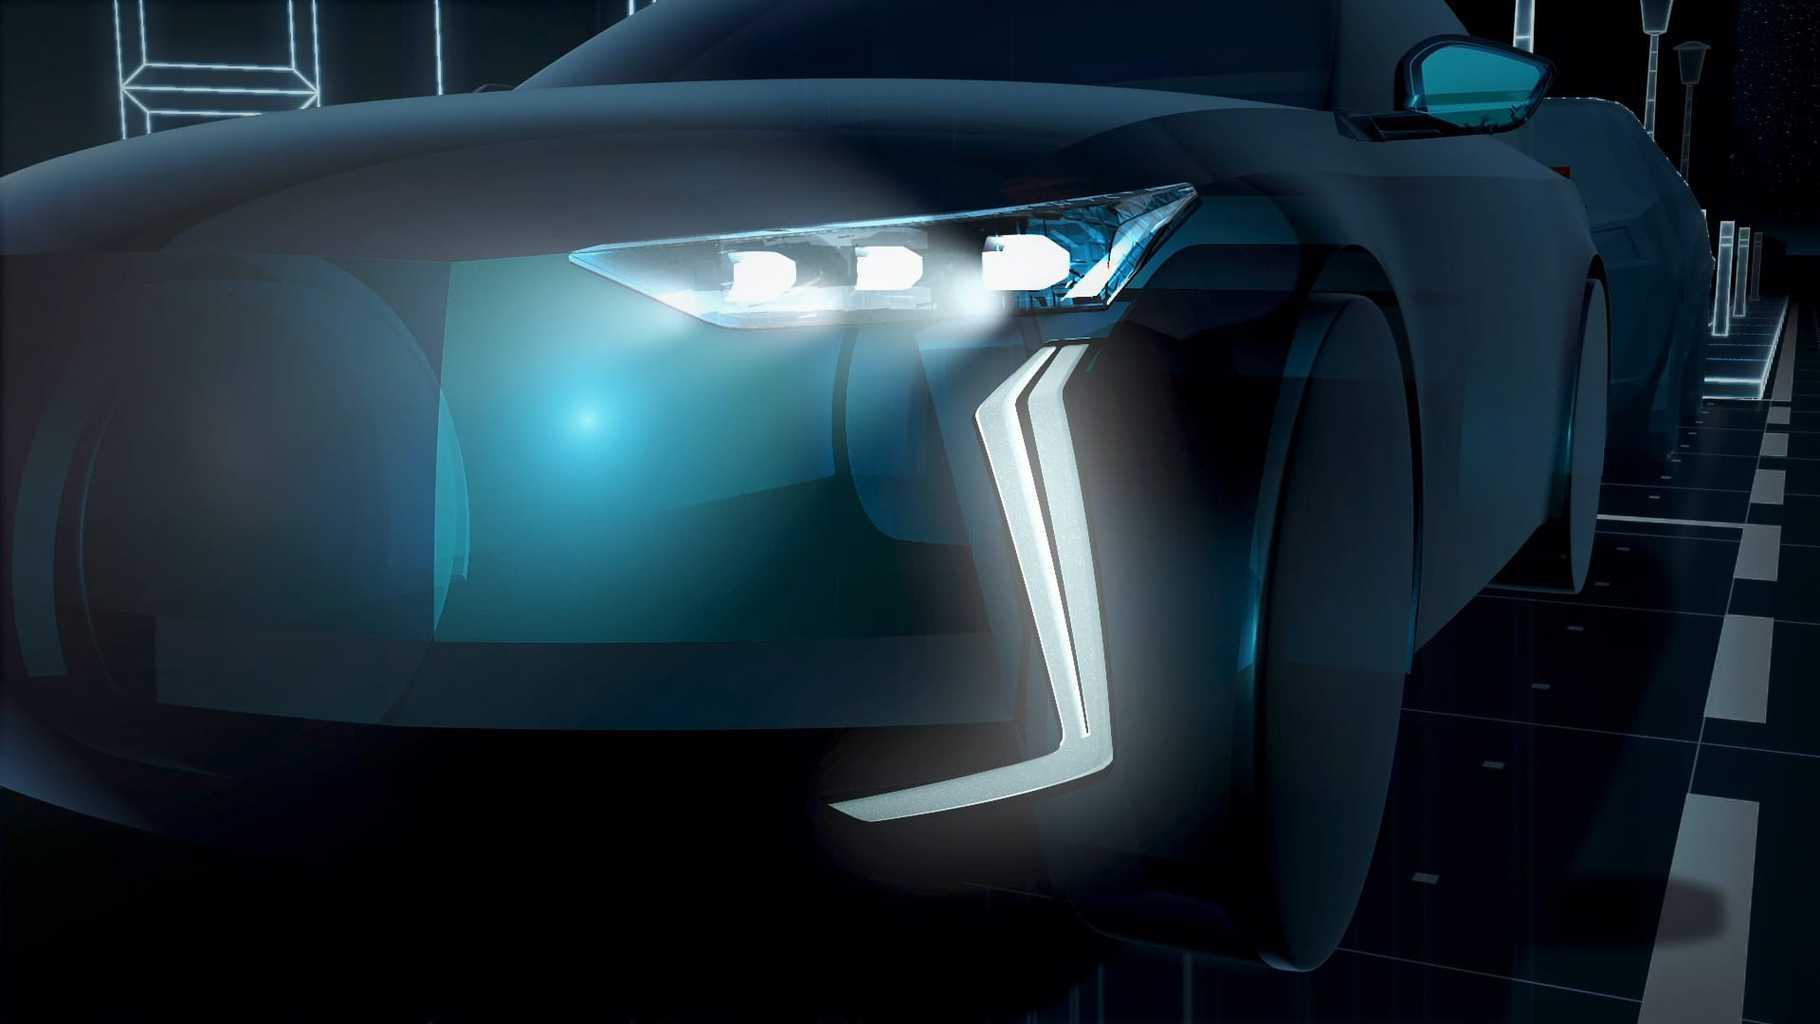 DS-4-Plug-in-Hybrid-LED-Scheinwerfer